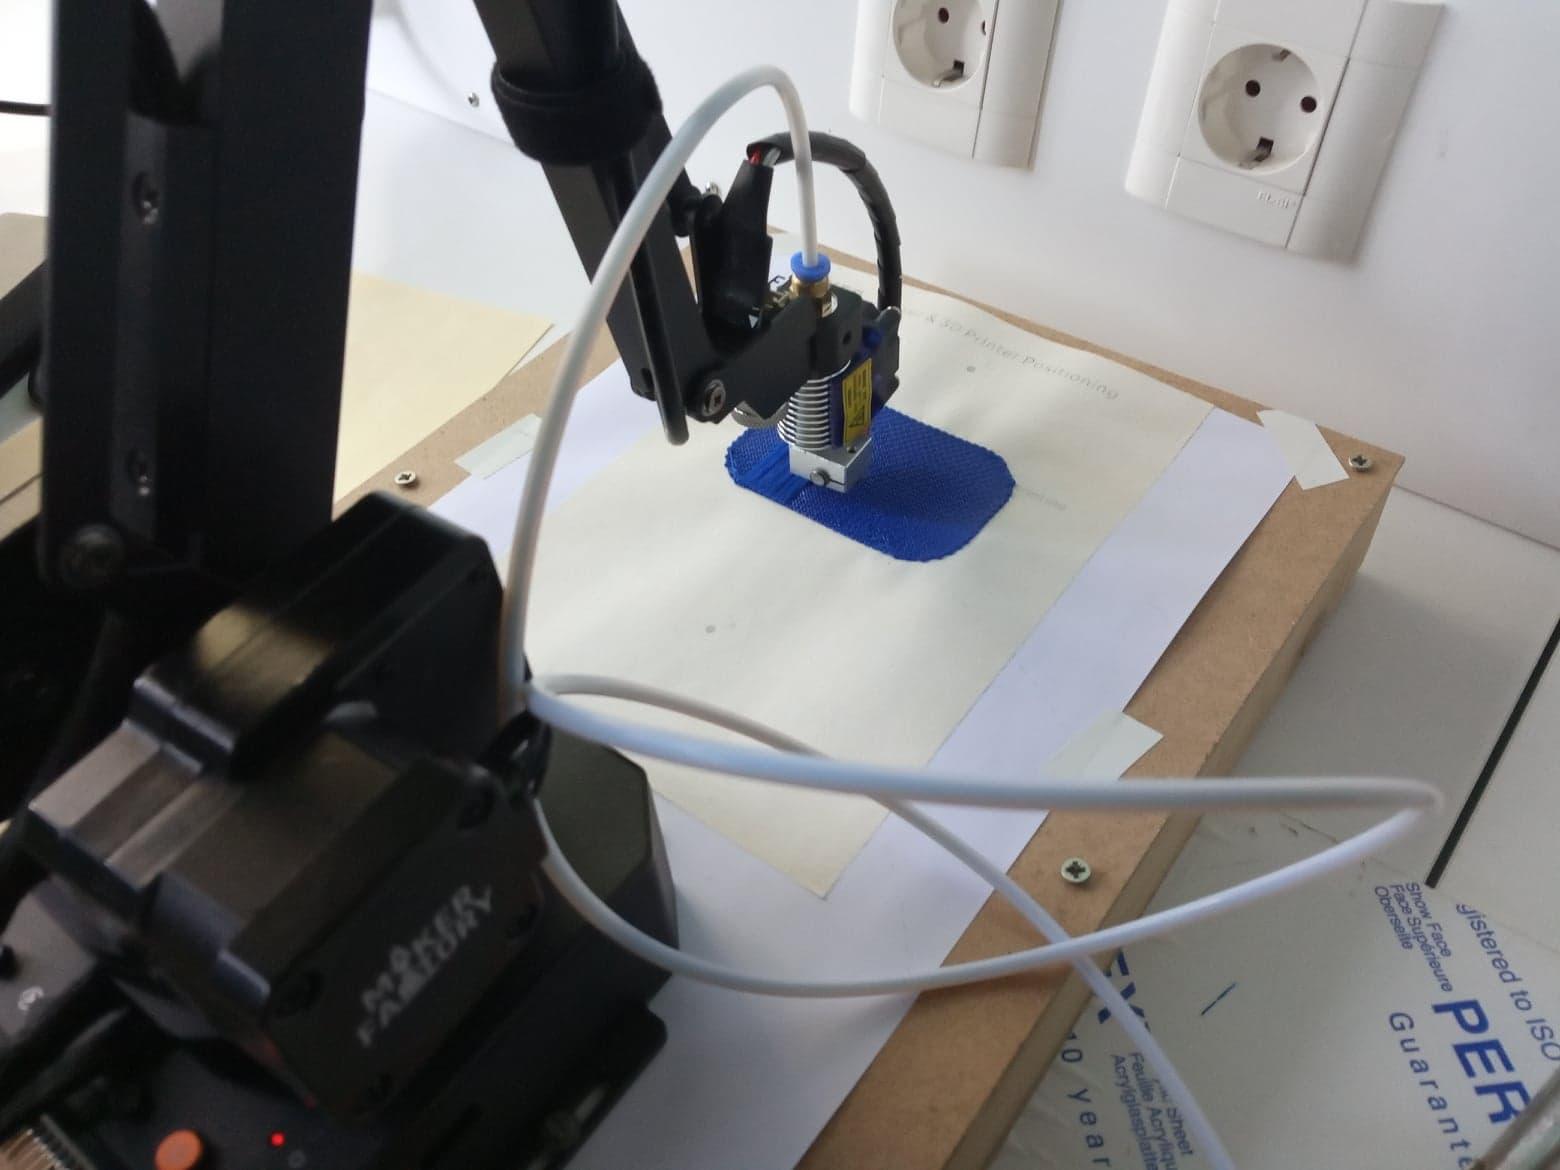 robotskaruka3dprint4